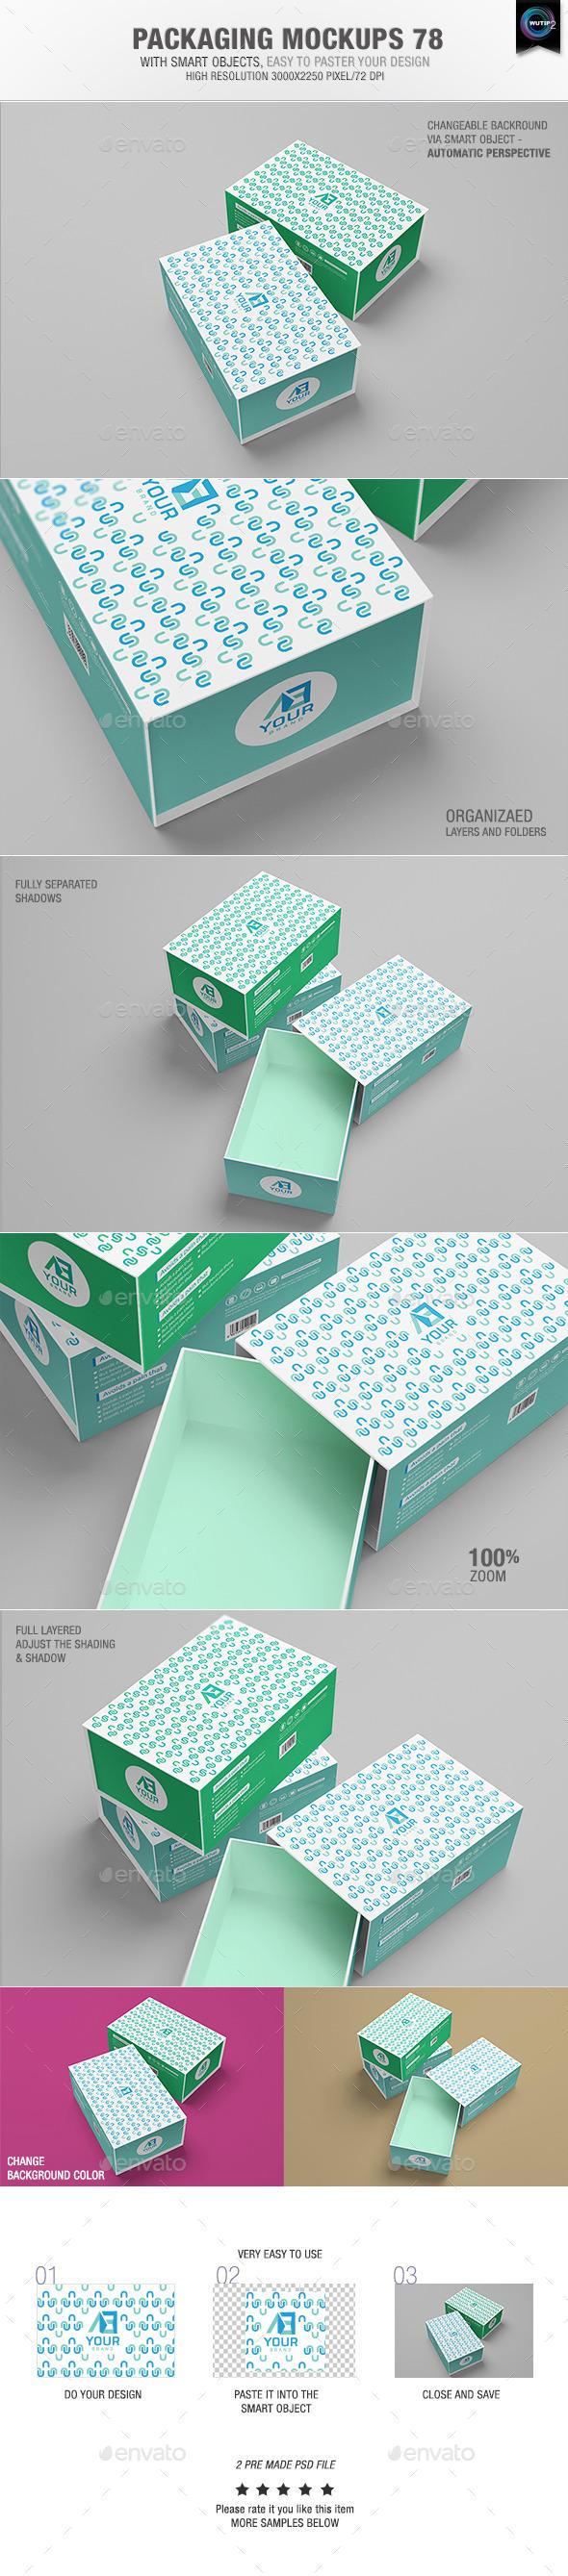 Packaging Mock-ups 78 - Packaging Product Mock-Ups